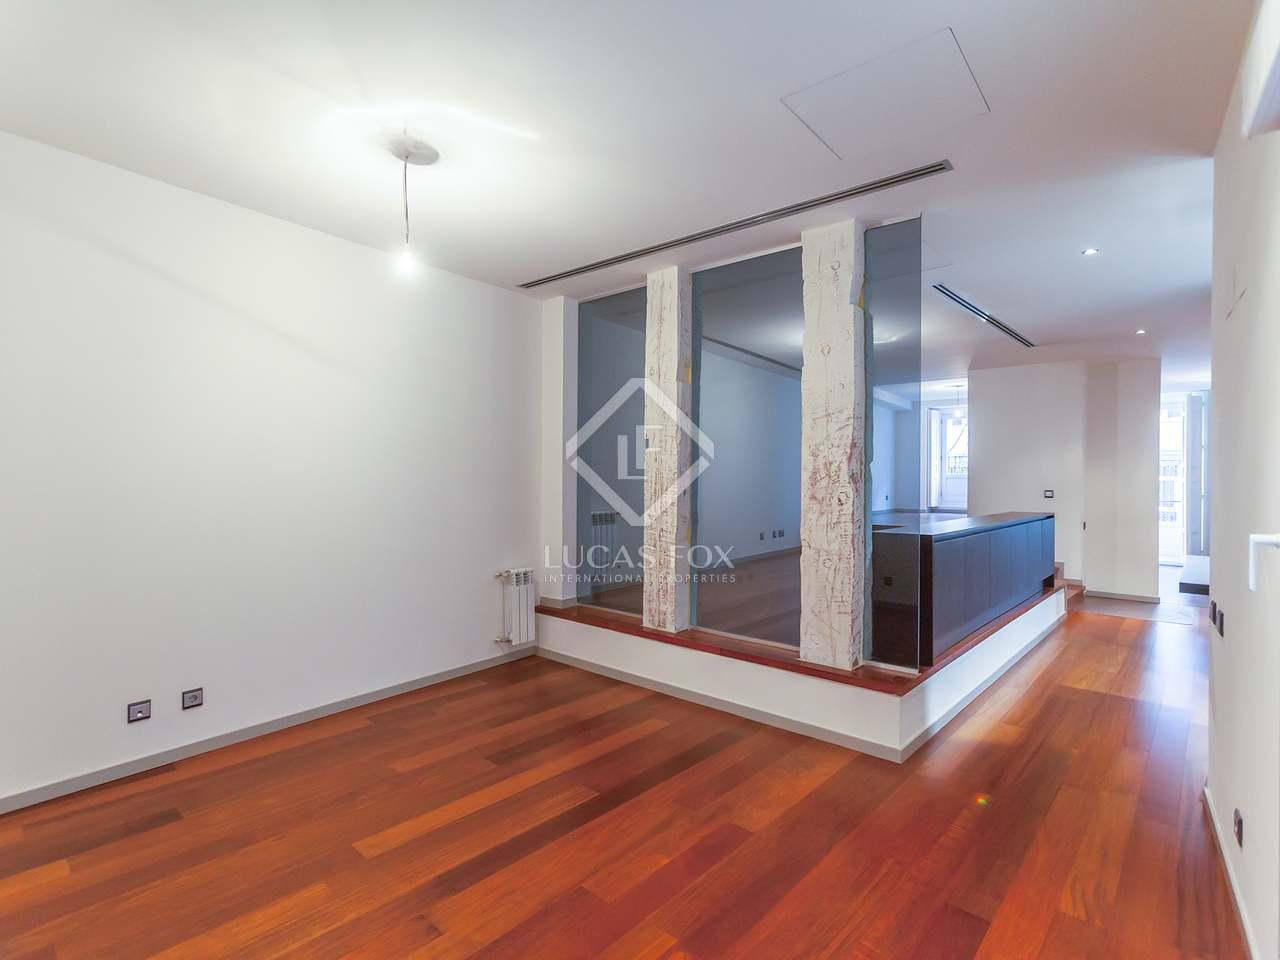 Piso de 186 m en alquiler en recoletos madrid - Alquiler piso humanes de madrid ...